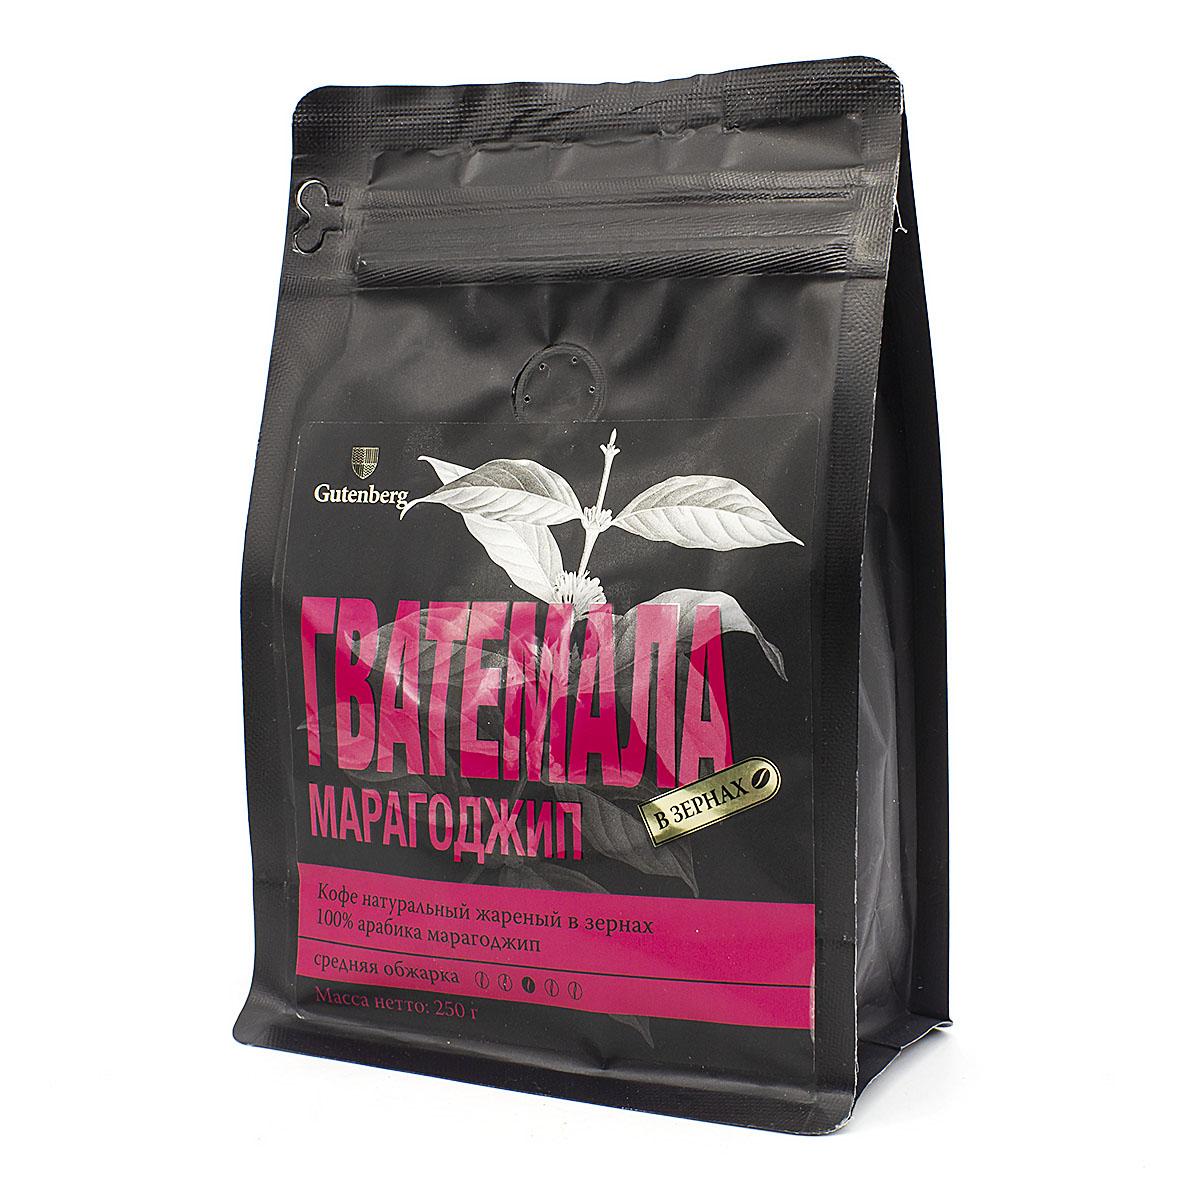 Кофе в зернах Гватемала Марагоджип, уп. 250 г tchibo exclusive кофе в зернах 250 г